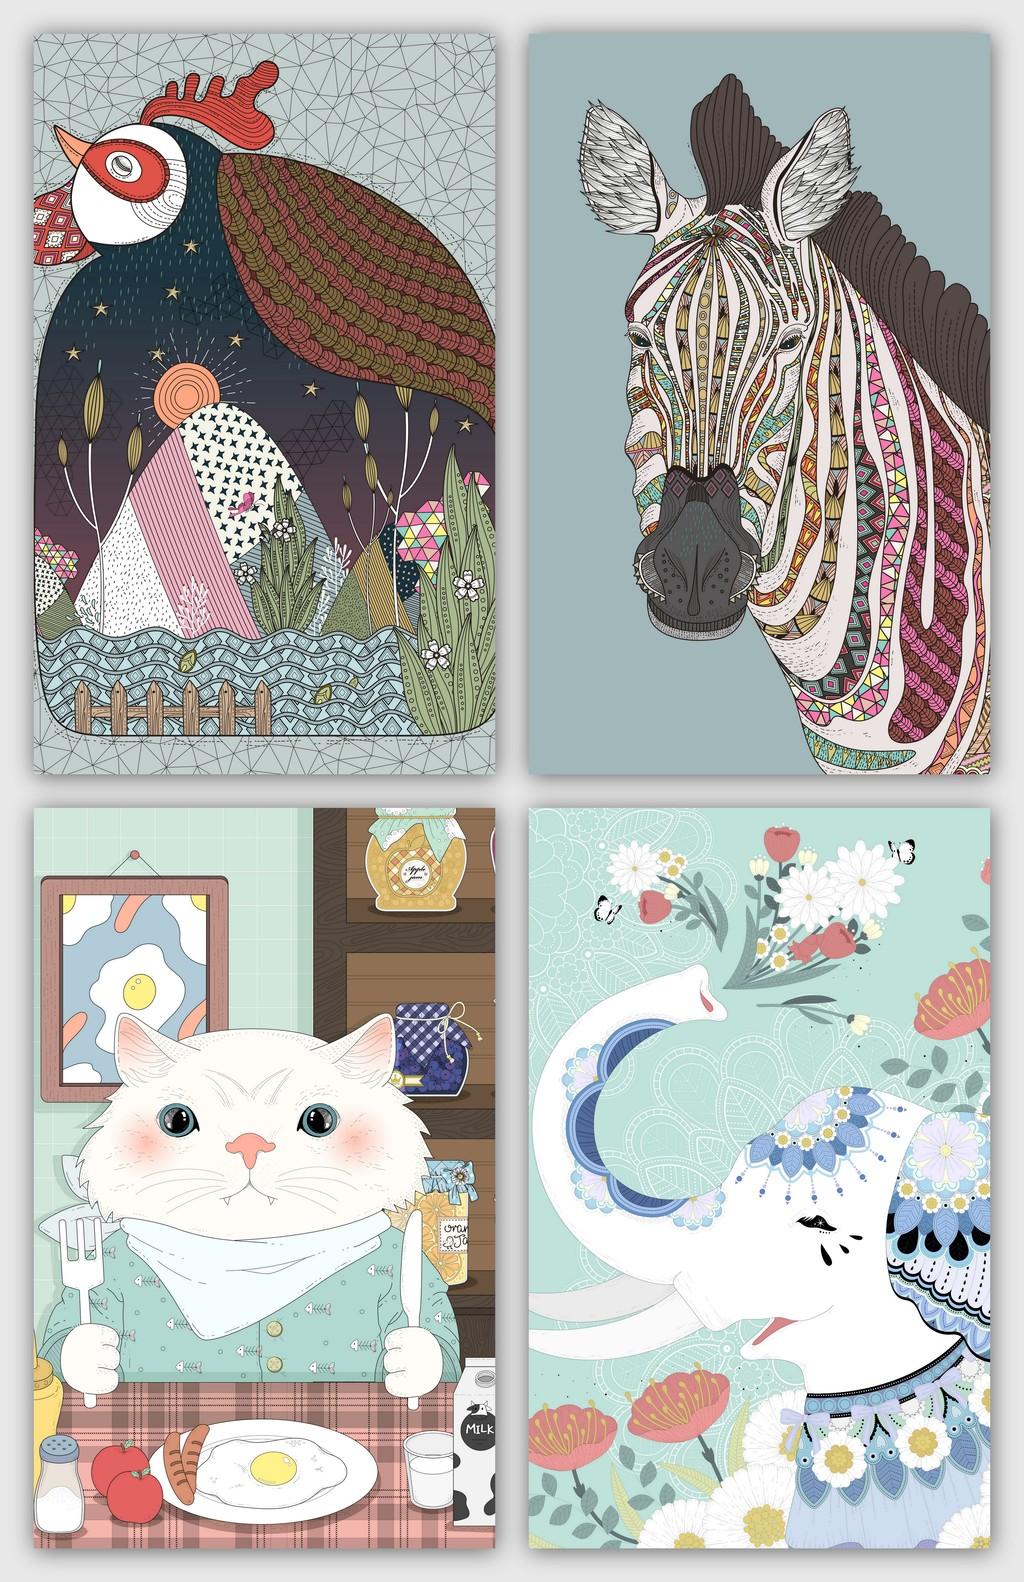 卡通马等手绘小动物插画背景元素